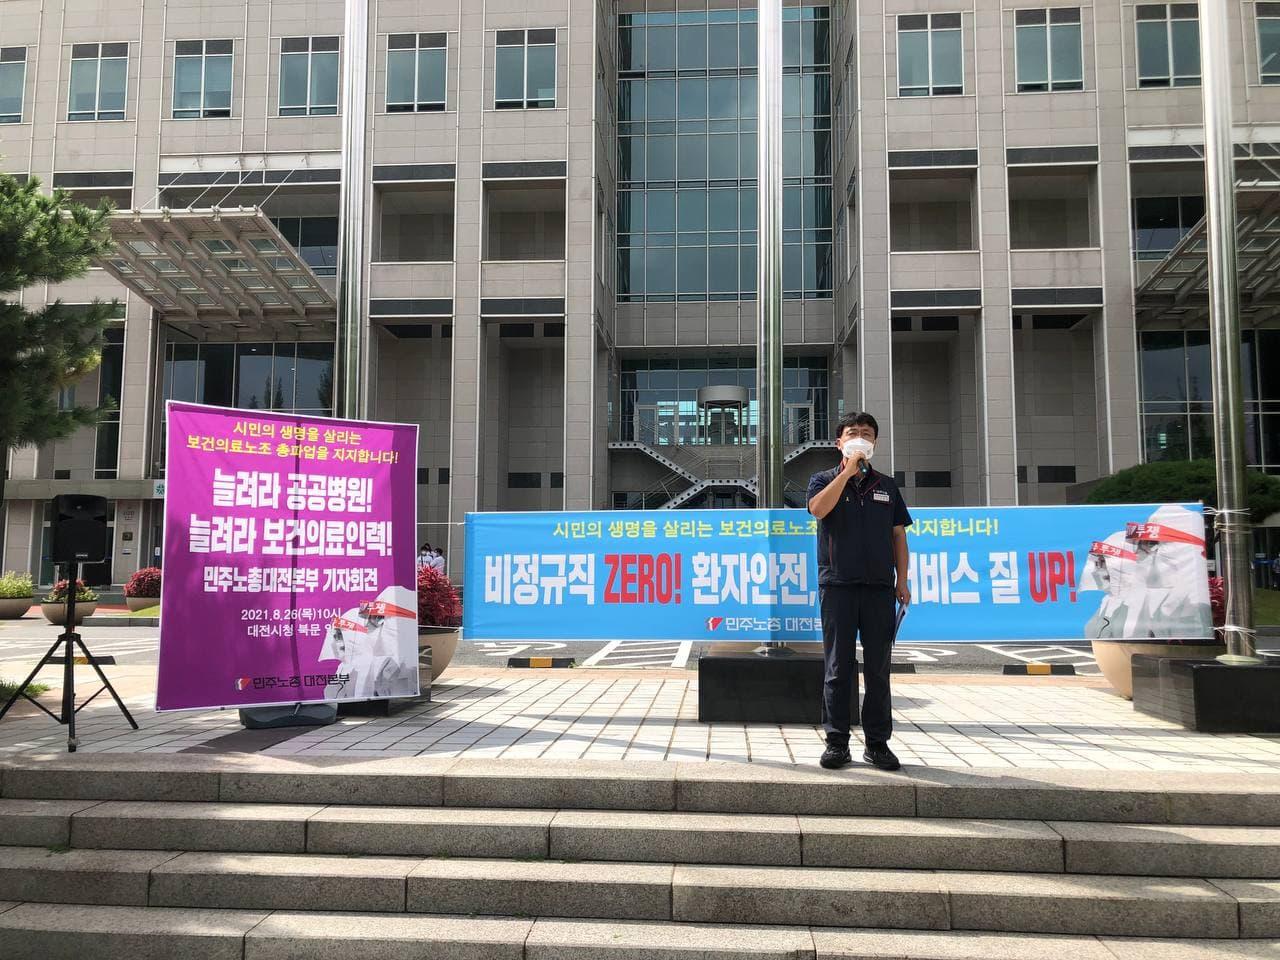 늘려라 공공병원! 늘려라 보건의료 인력! 9.2보건의료노조 총파업지지 기자회견 개최